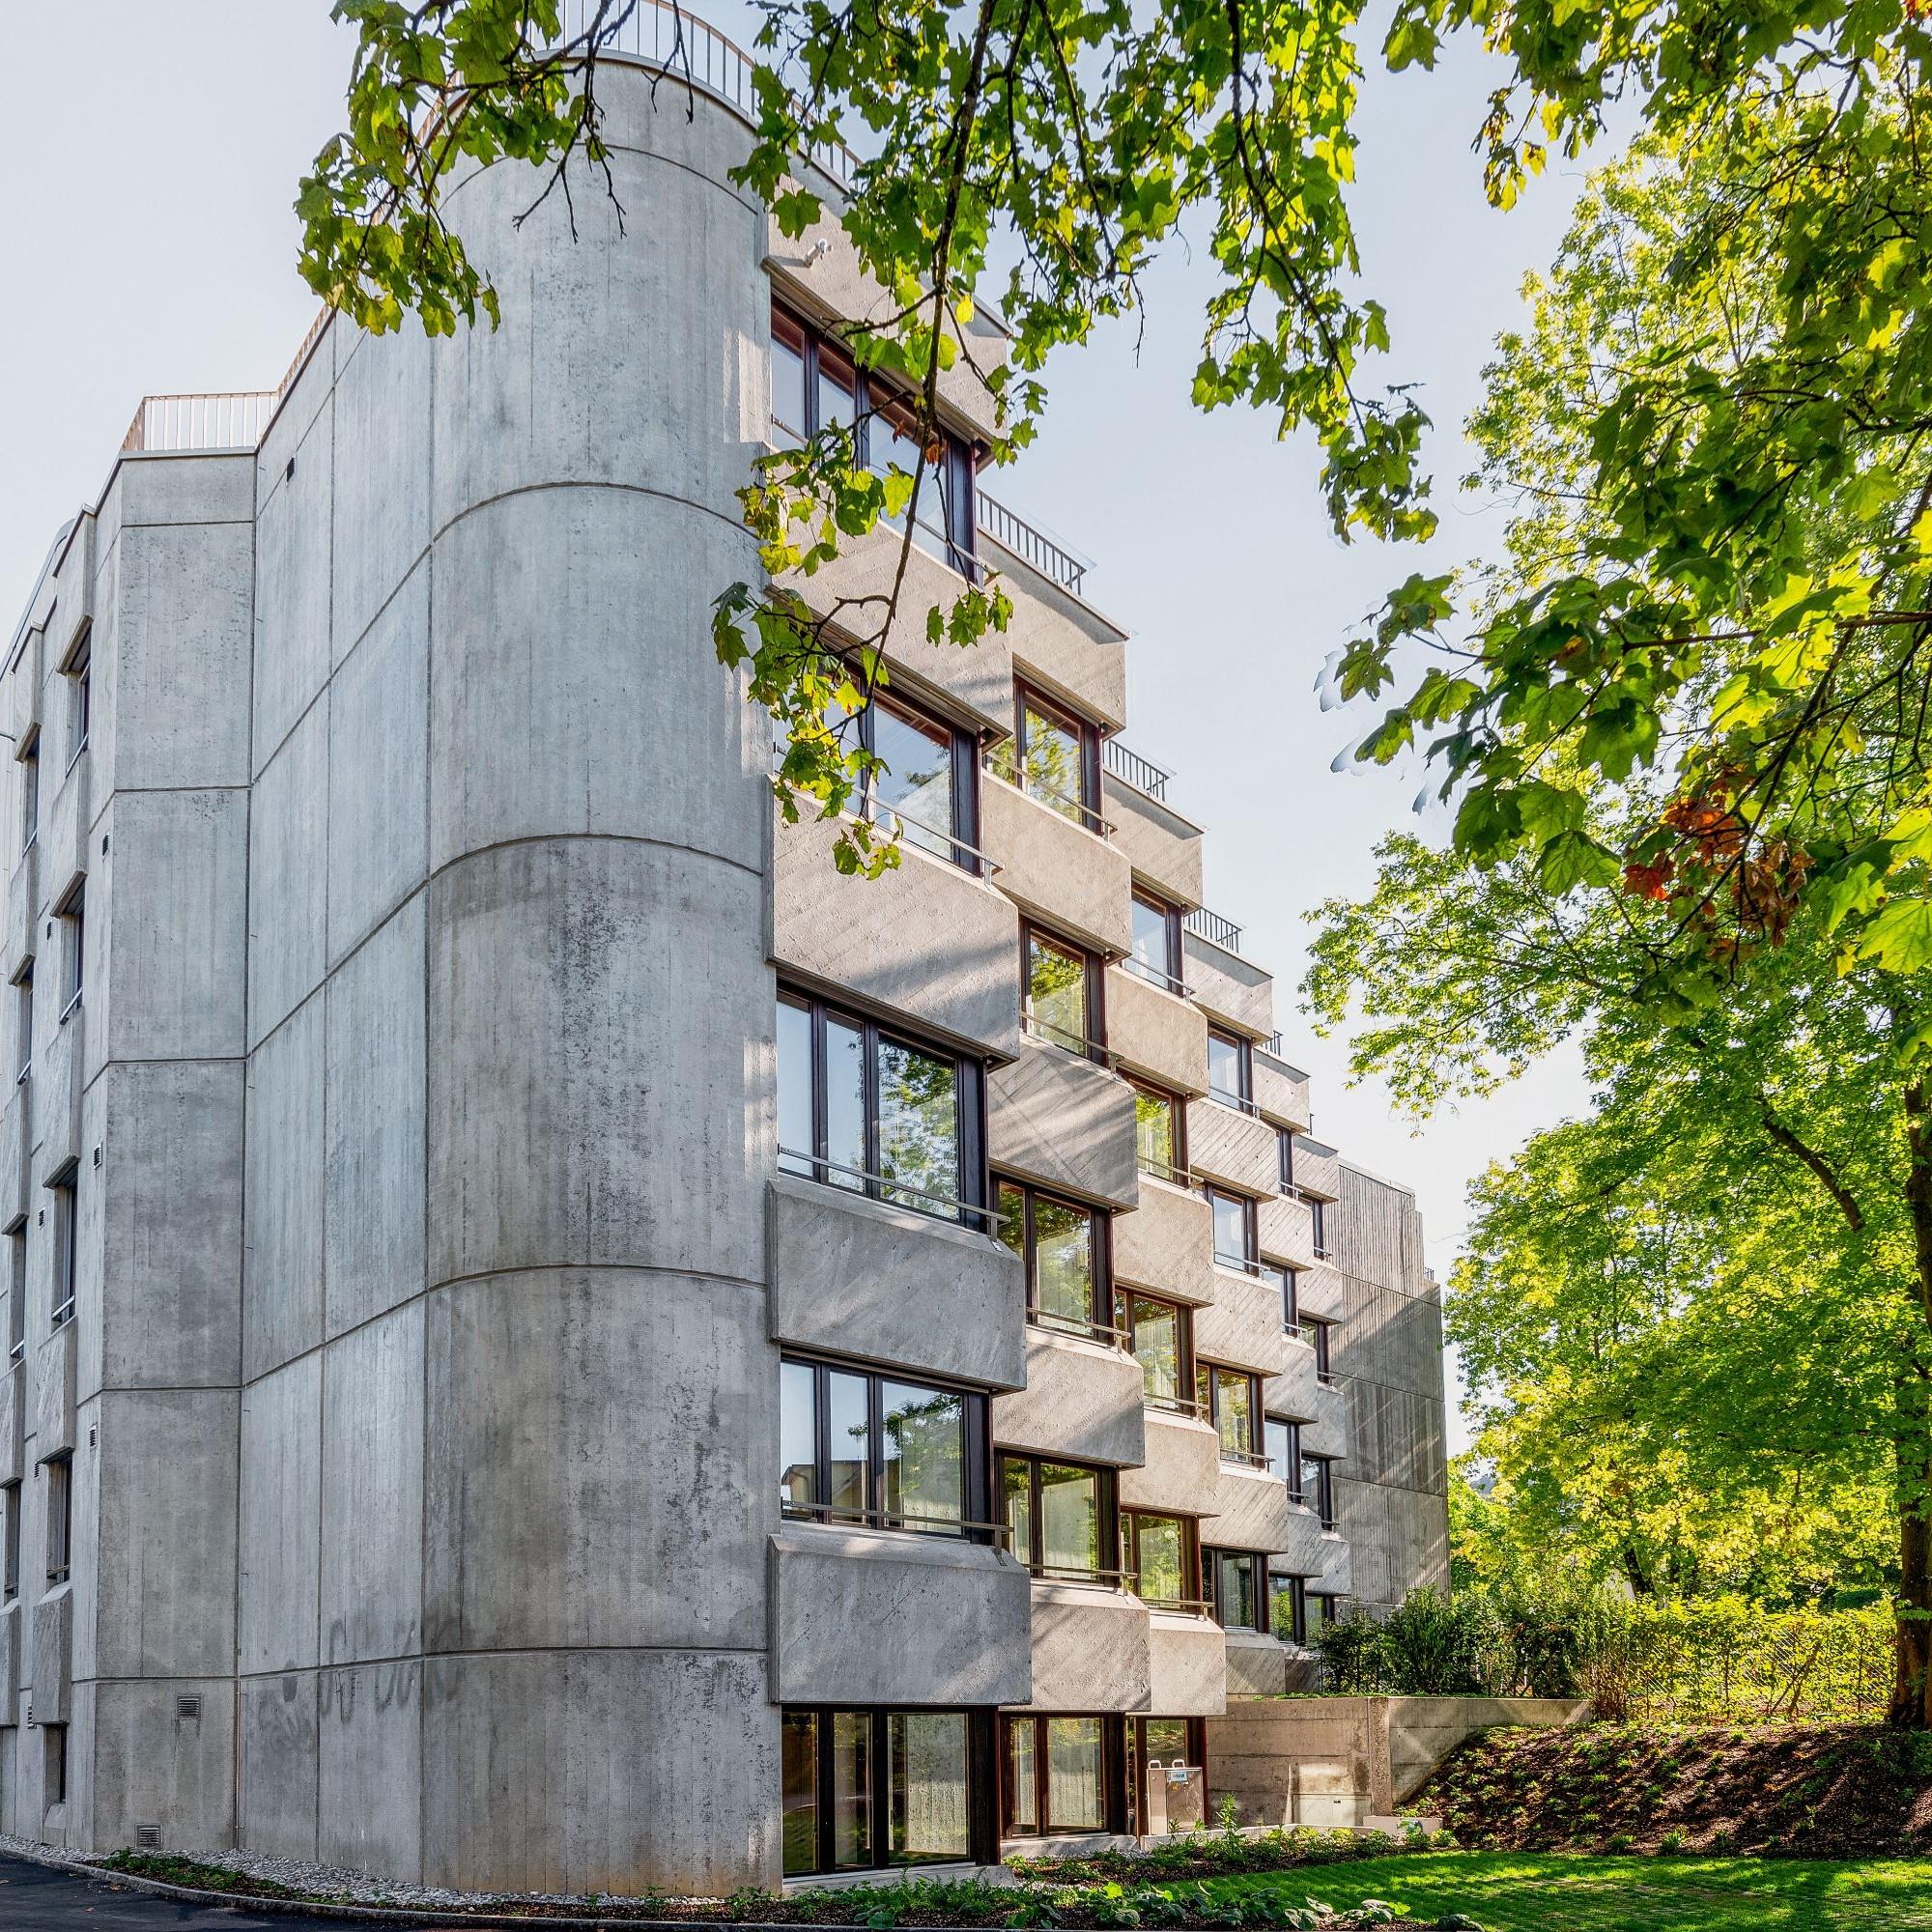 Wohngebäude in Köniz Bern